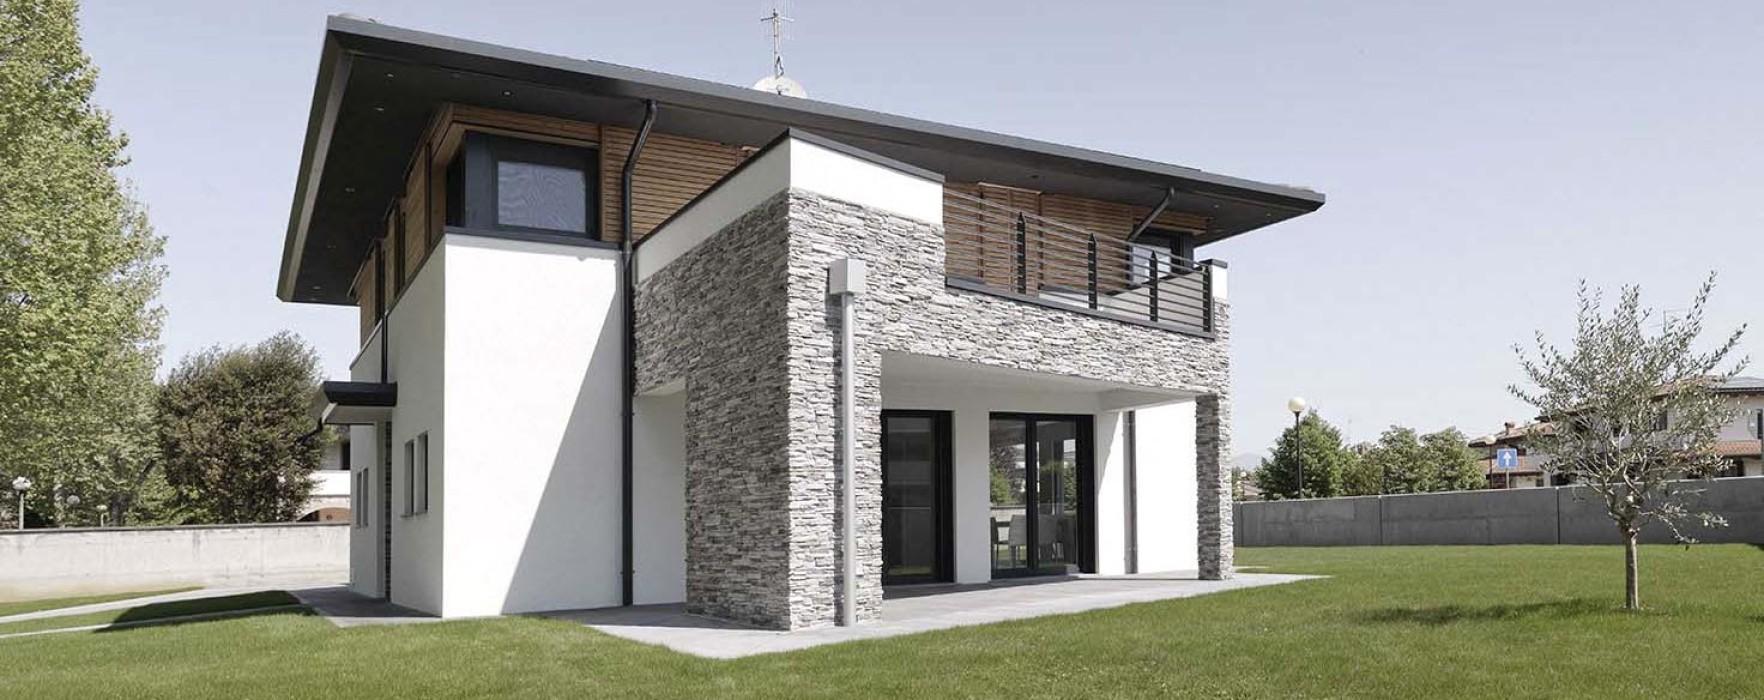 Progettare e costruire una casa in legno in campania - Vorrei costruire una casa in legno ...